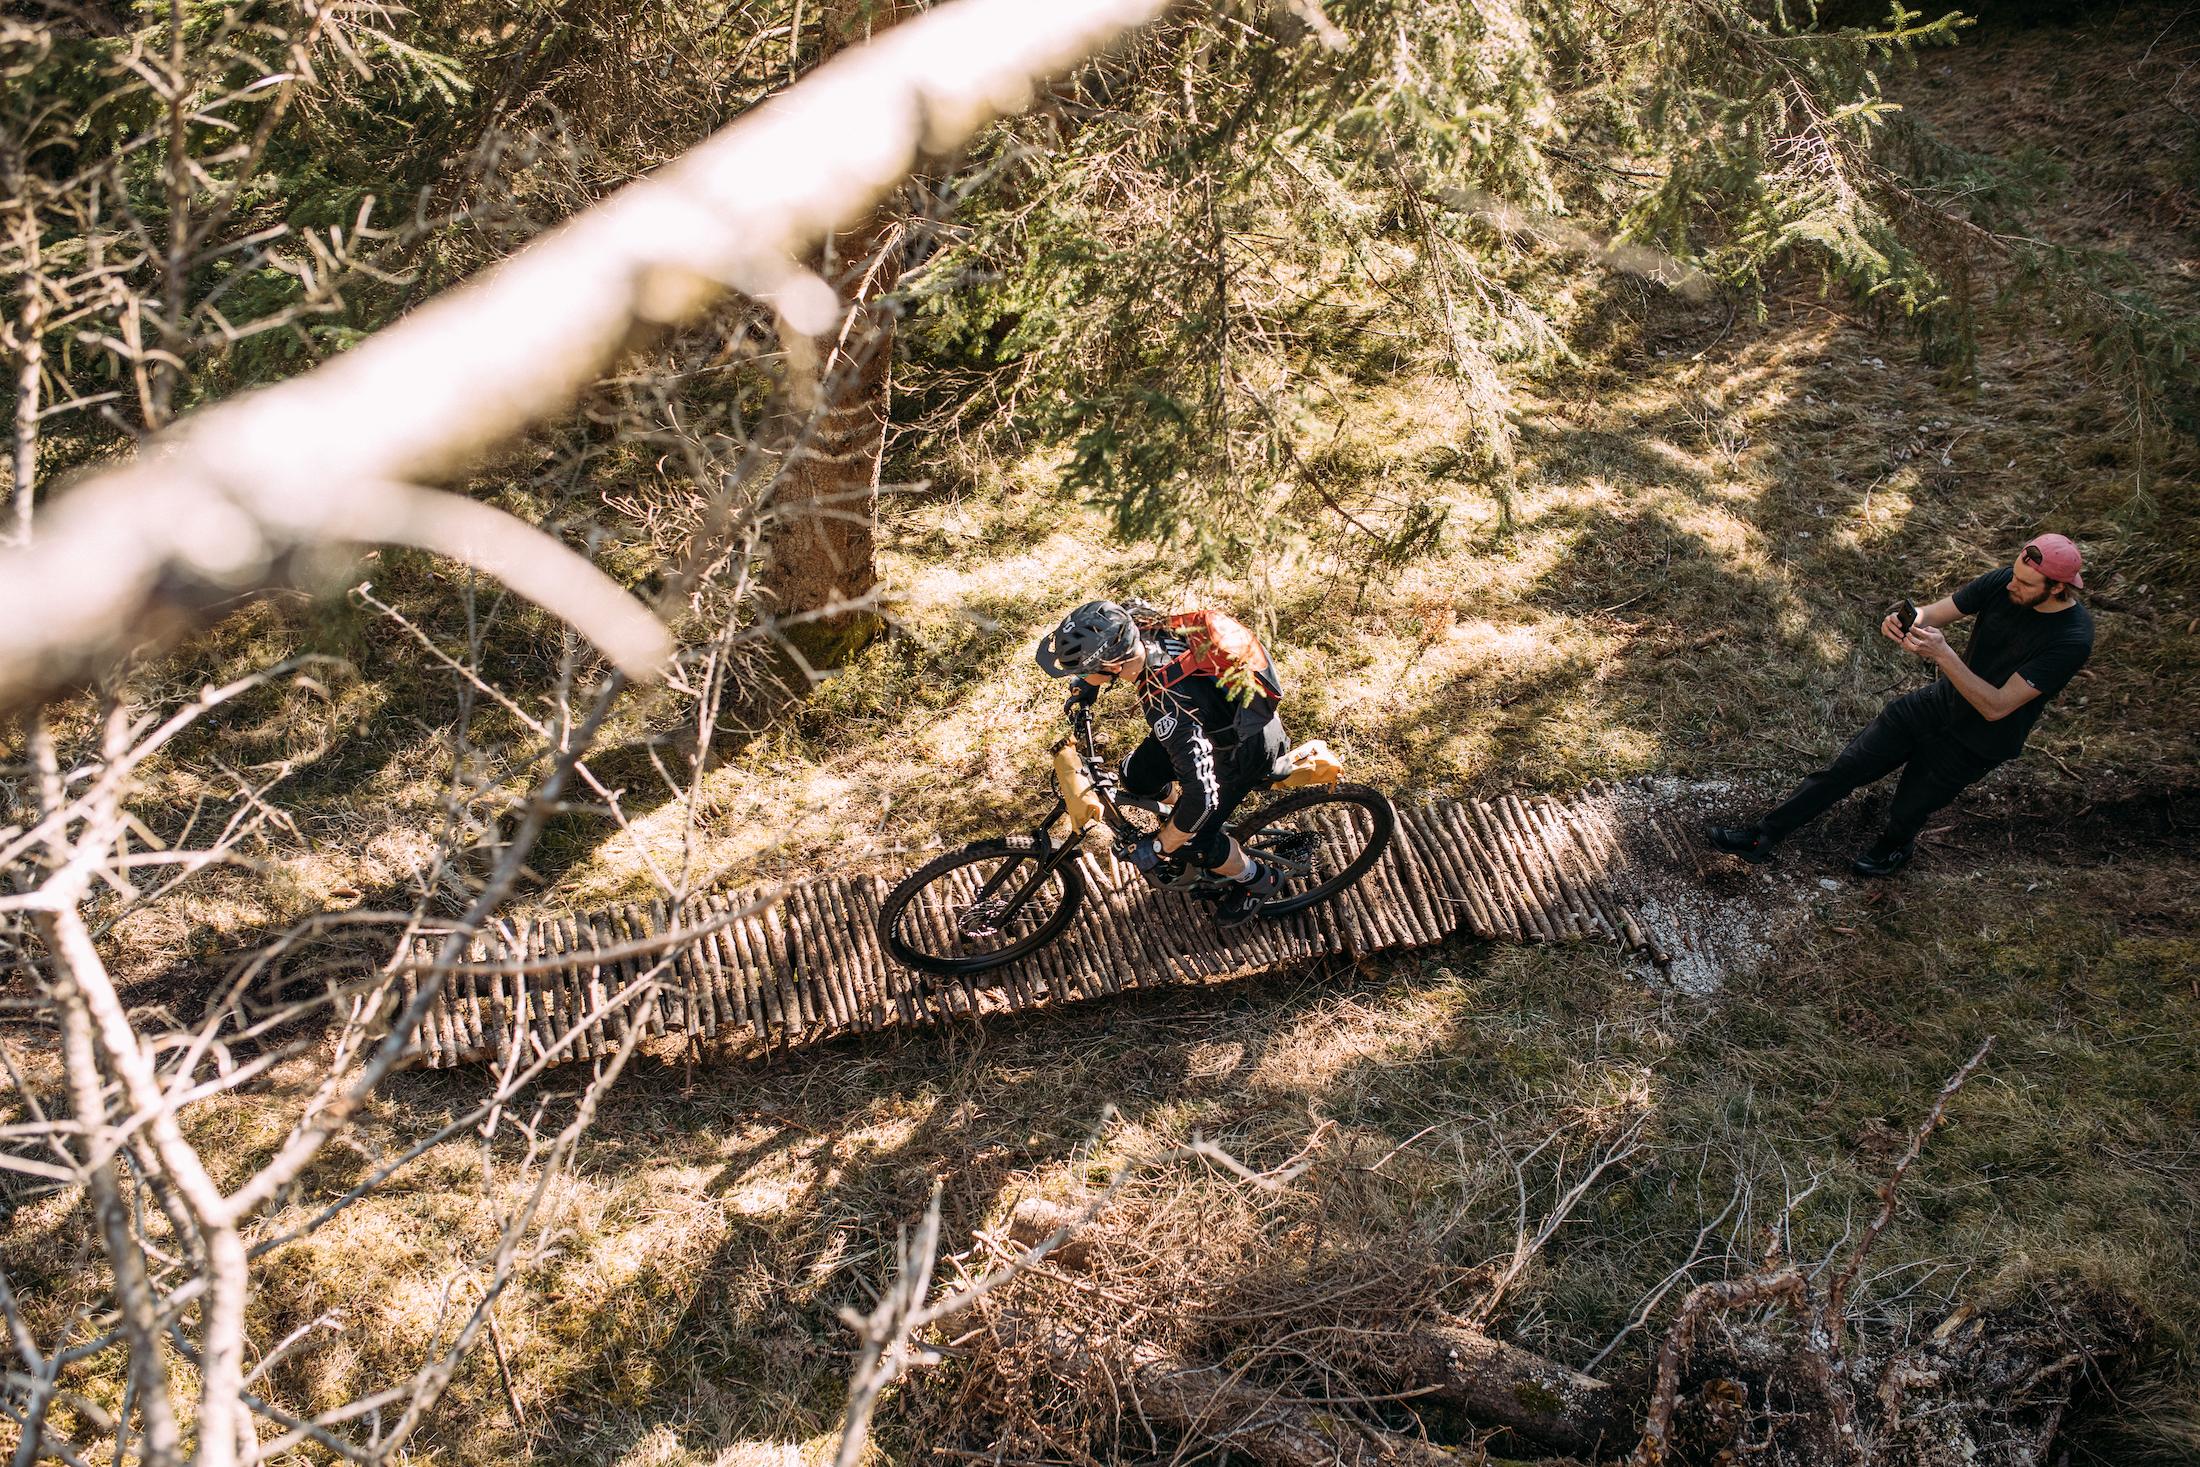 Evoc Ride